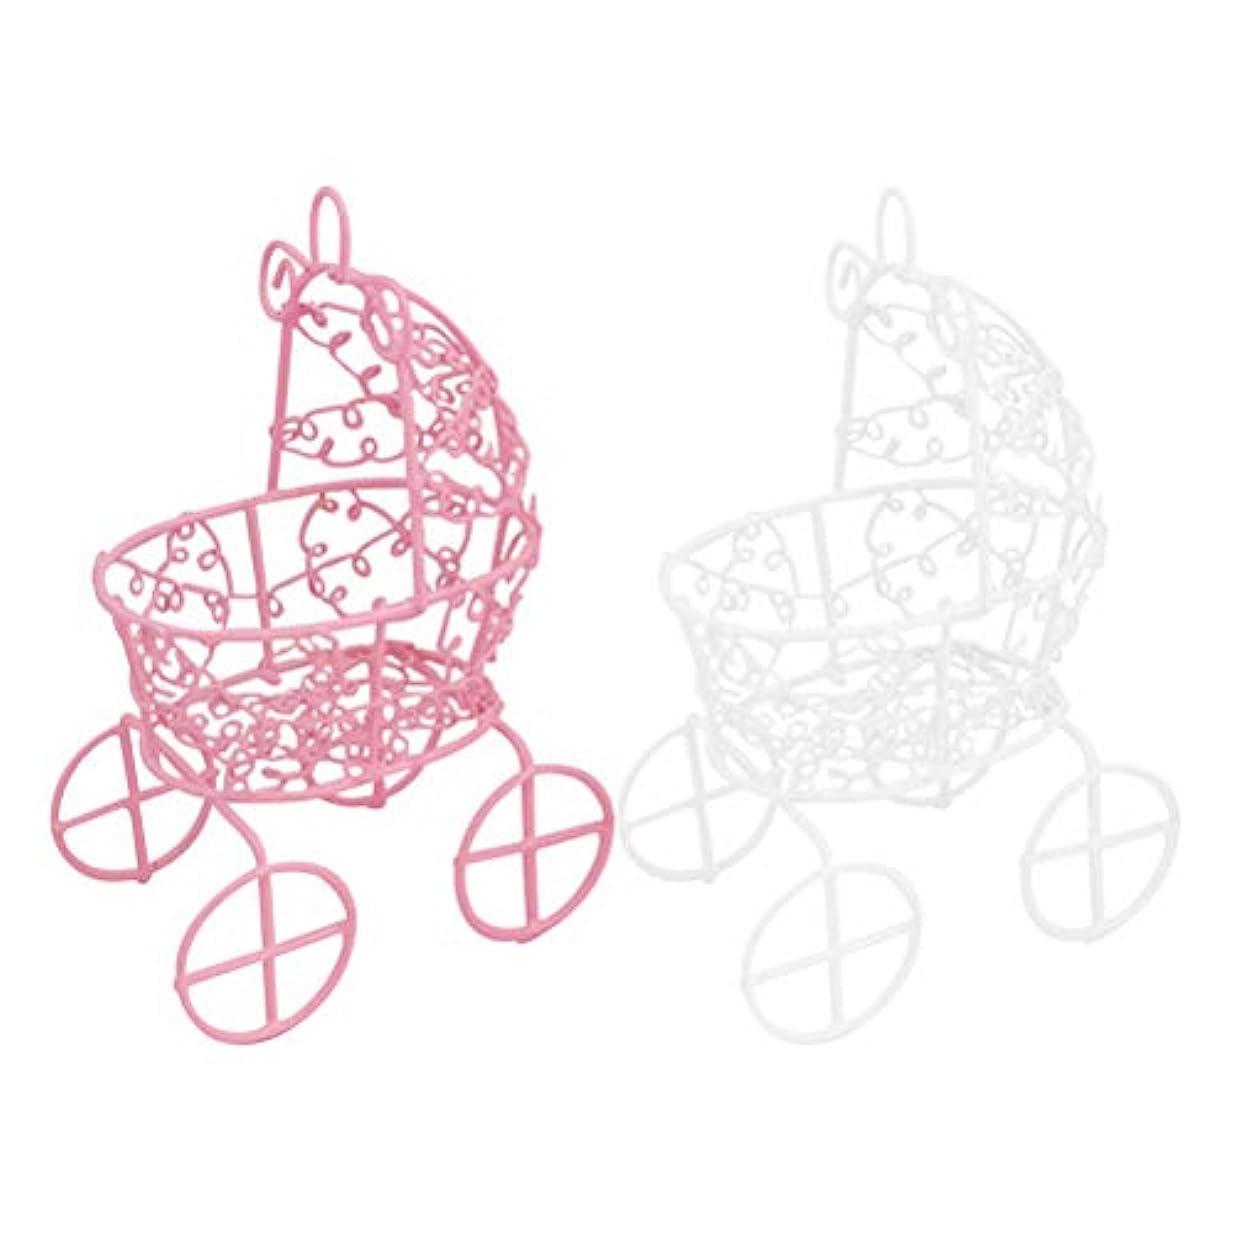 お速記に対応するFrcolor メイクスポンジスタンド パフホルダー パフ乾燥用スタンド 化粧用パフ收納 カビ防止 小型軽量 2色セット(ピンク+ホワイト)